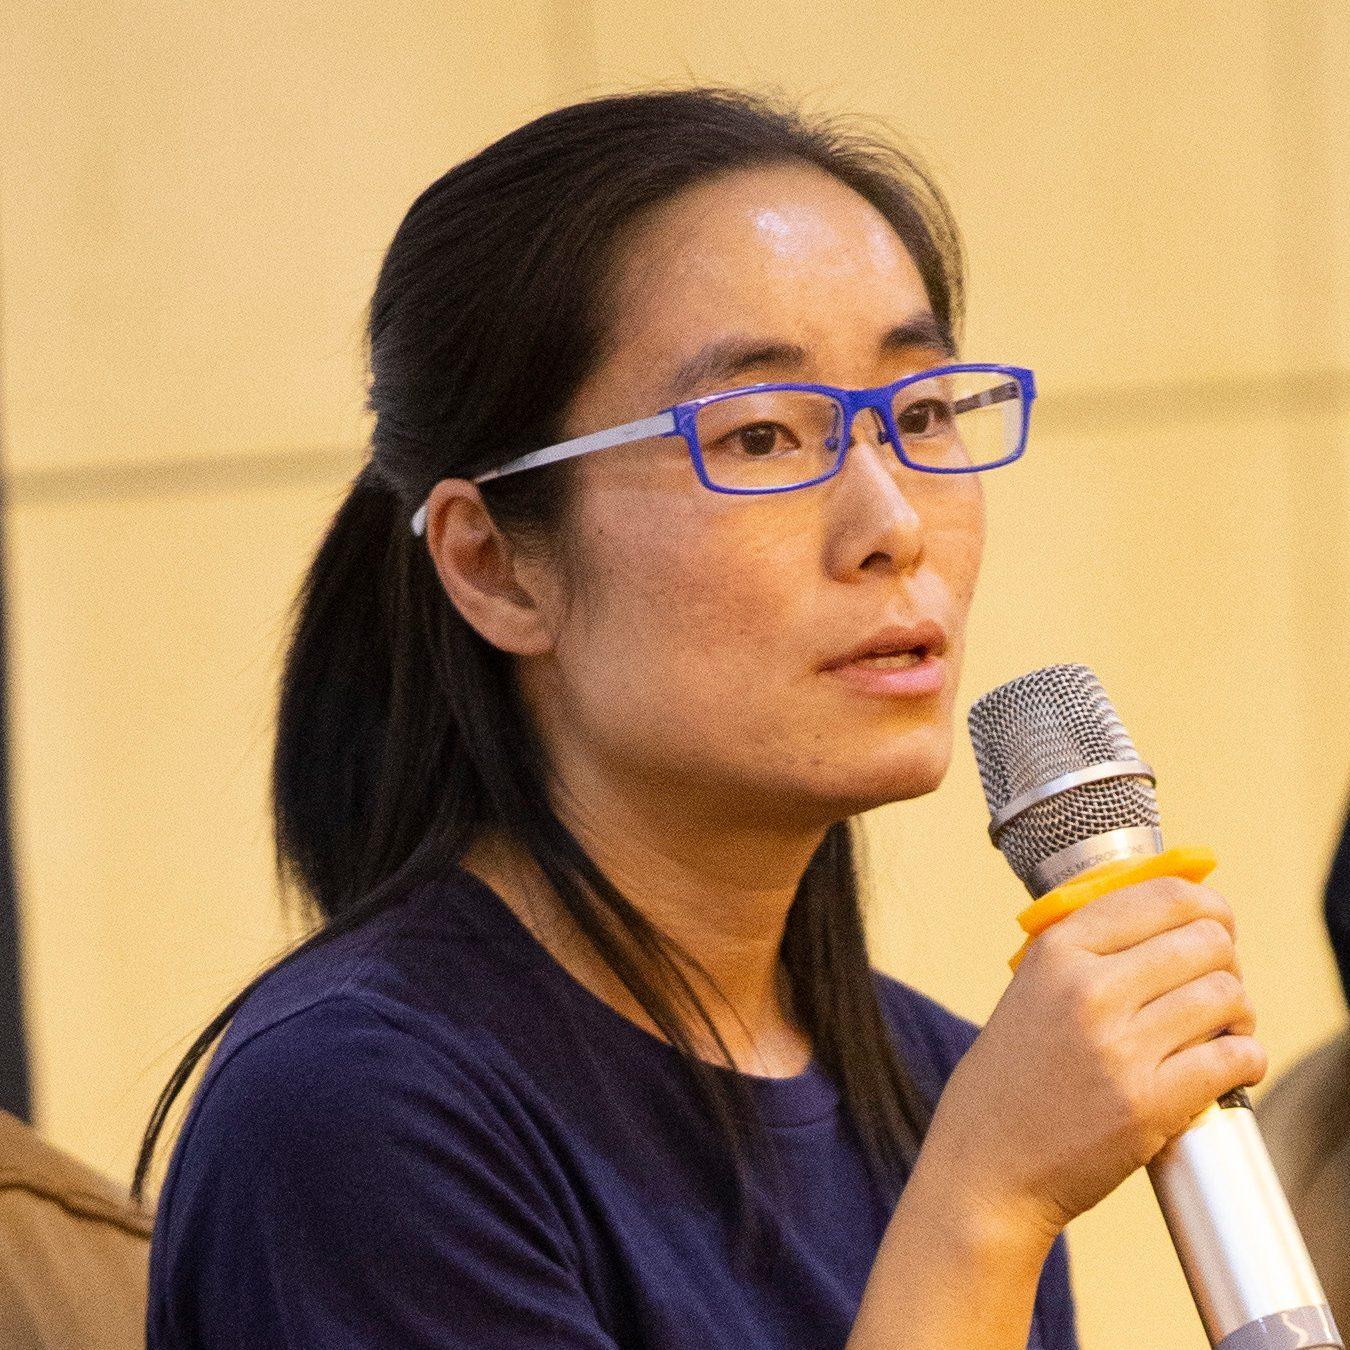 Pan Wenjing